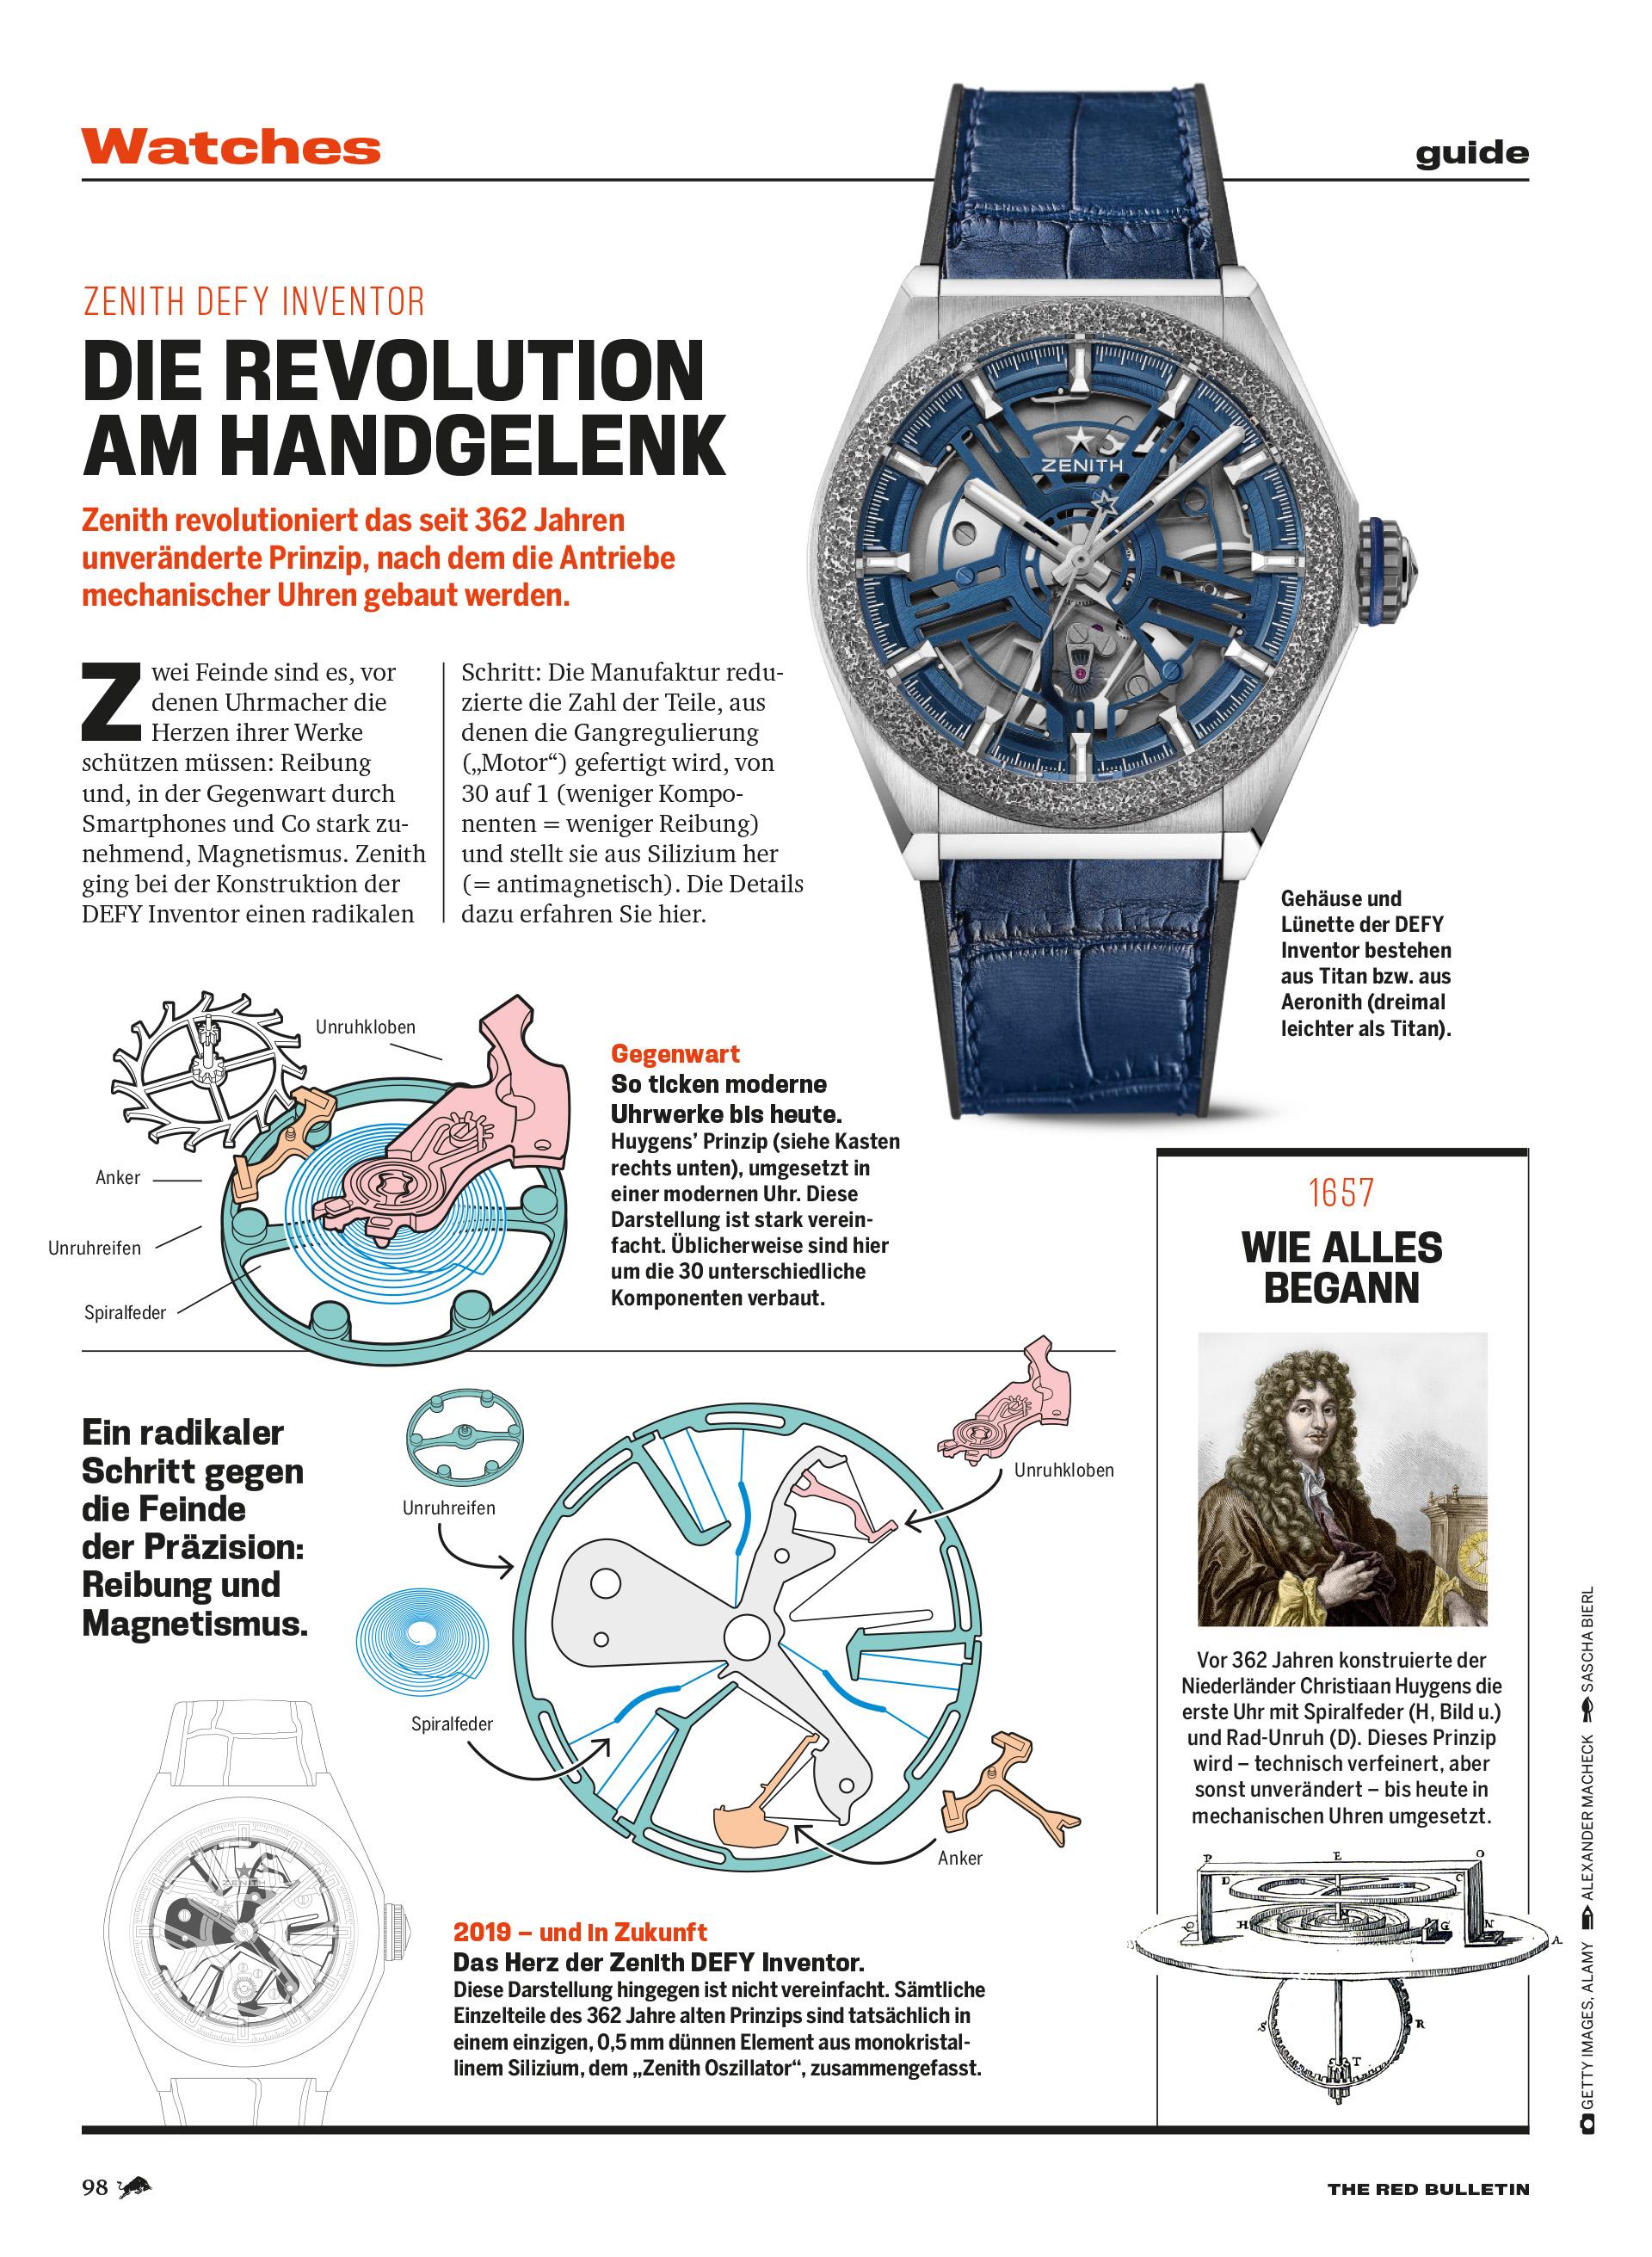 Illustration neuer mechanischer Antriebe für Uhren.